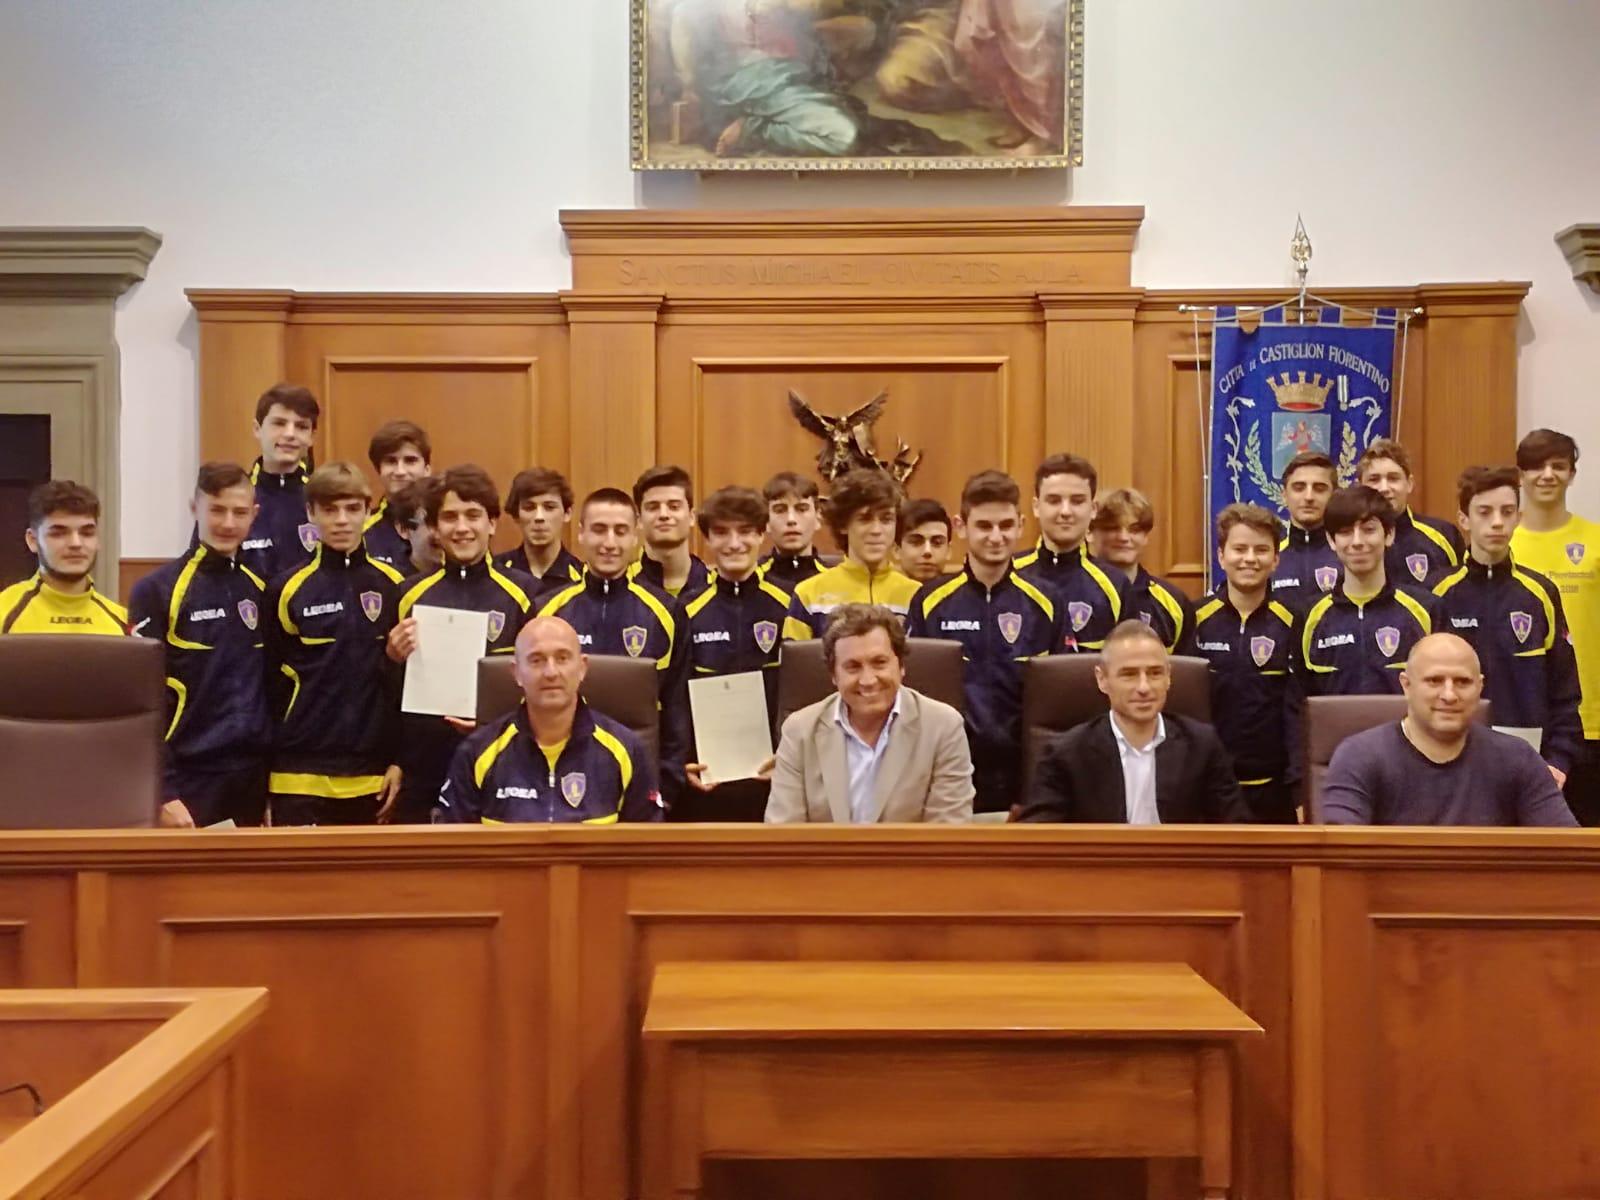 Gli Allievi della Castiglionese campioni provinciali ricevuti in Comune